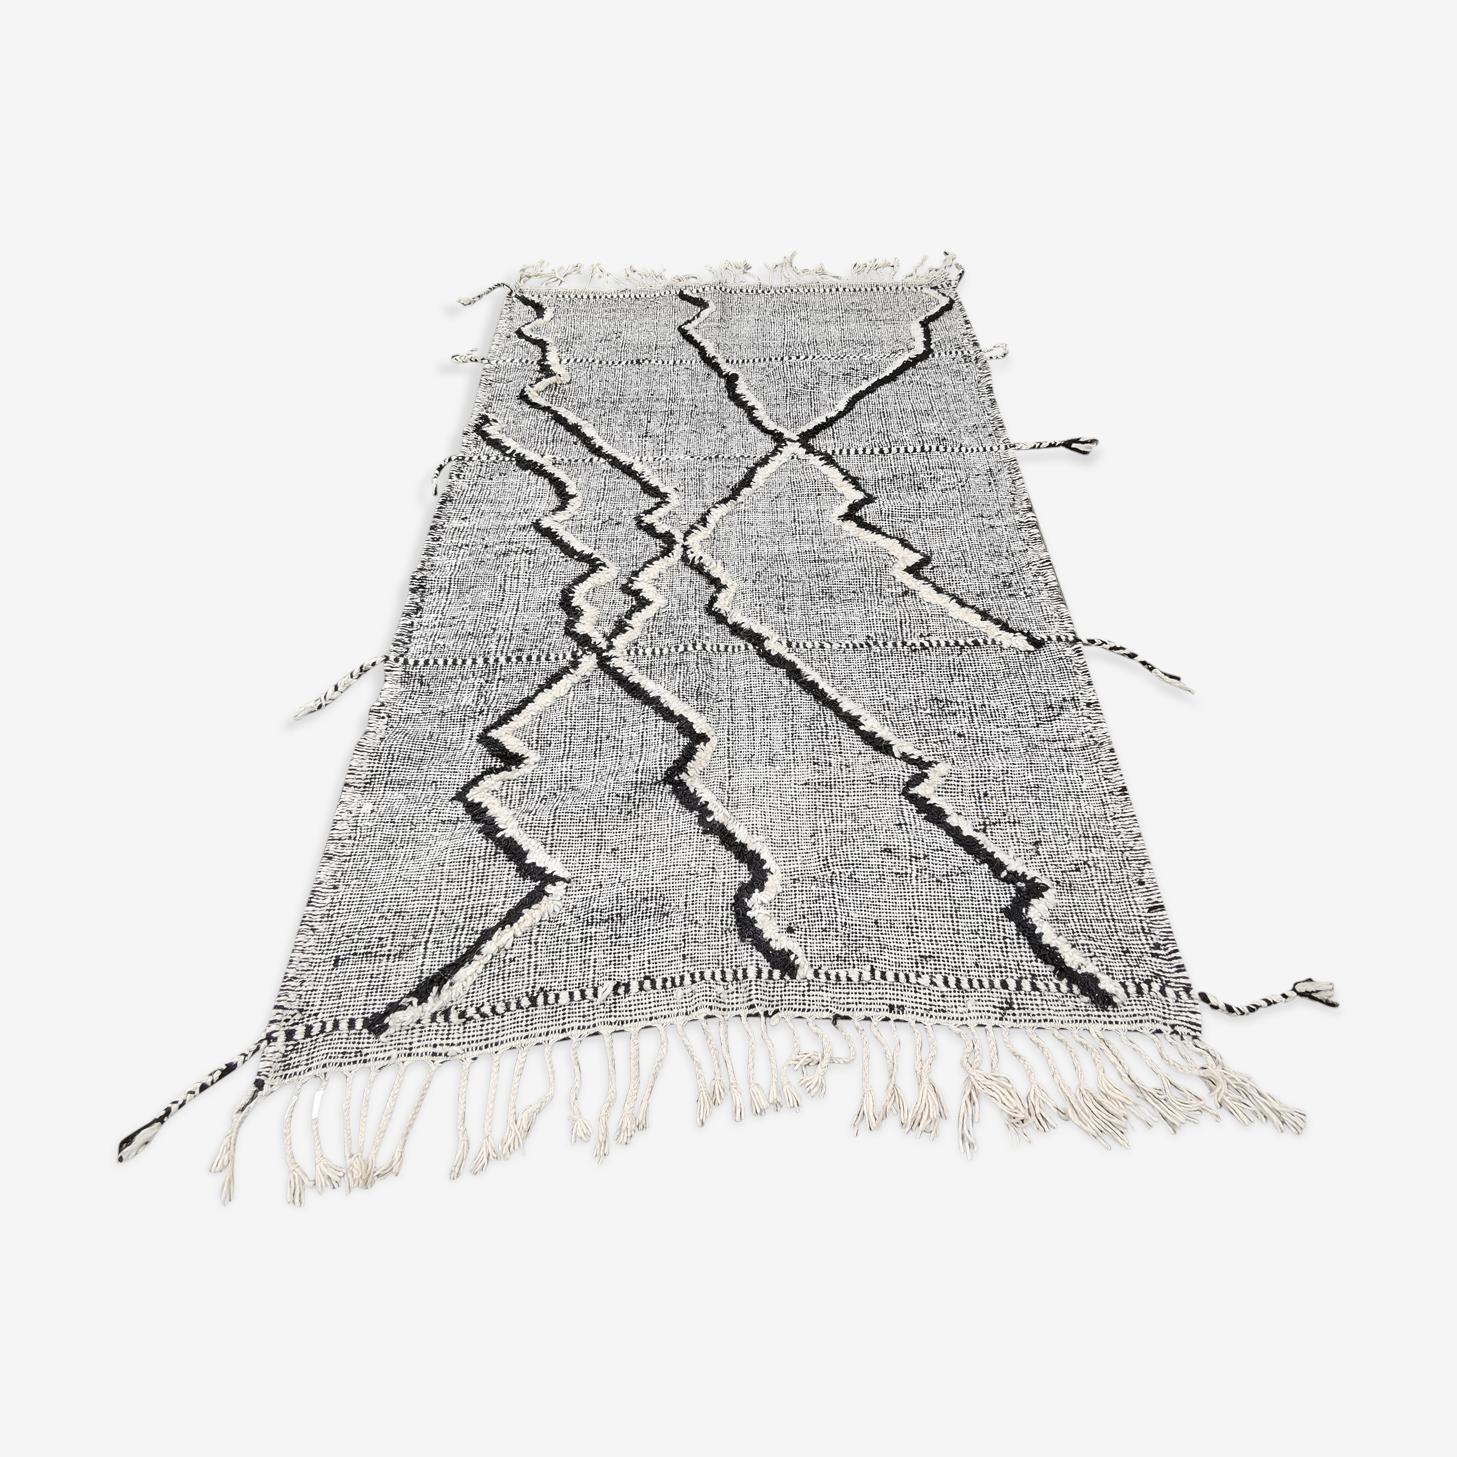 Tapis berbere kilim 240x150 cm